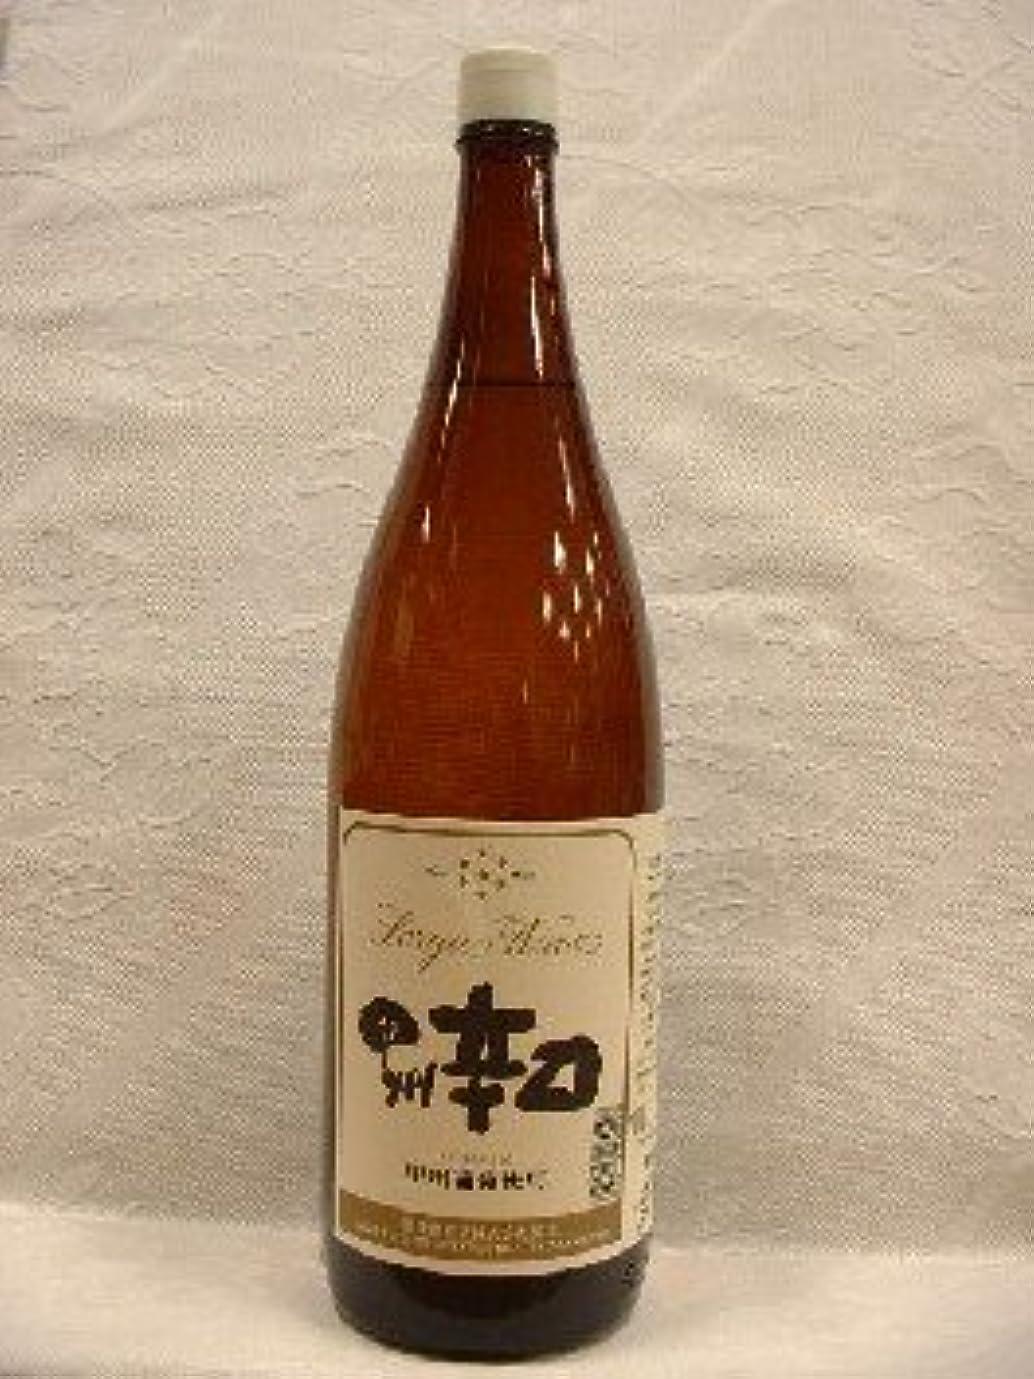 あいにく導入する焦げ蒼龍葡萄酒 甲州 辛口 [ 白ワイン 超辛口 日本 1800ml ]